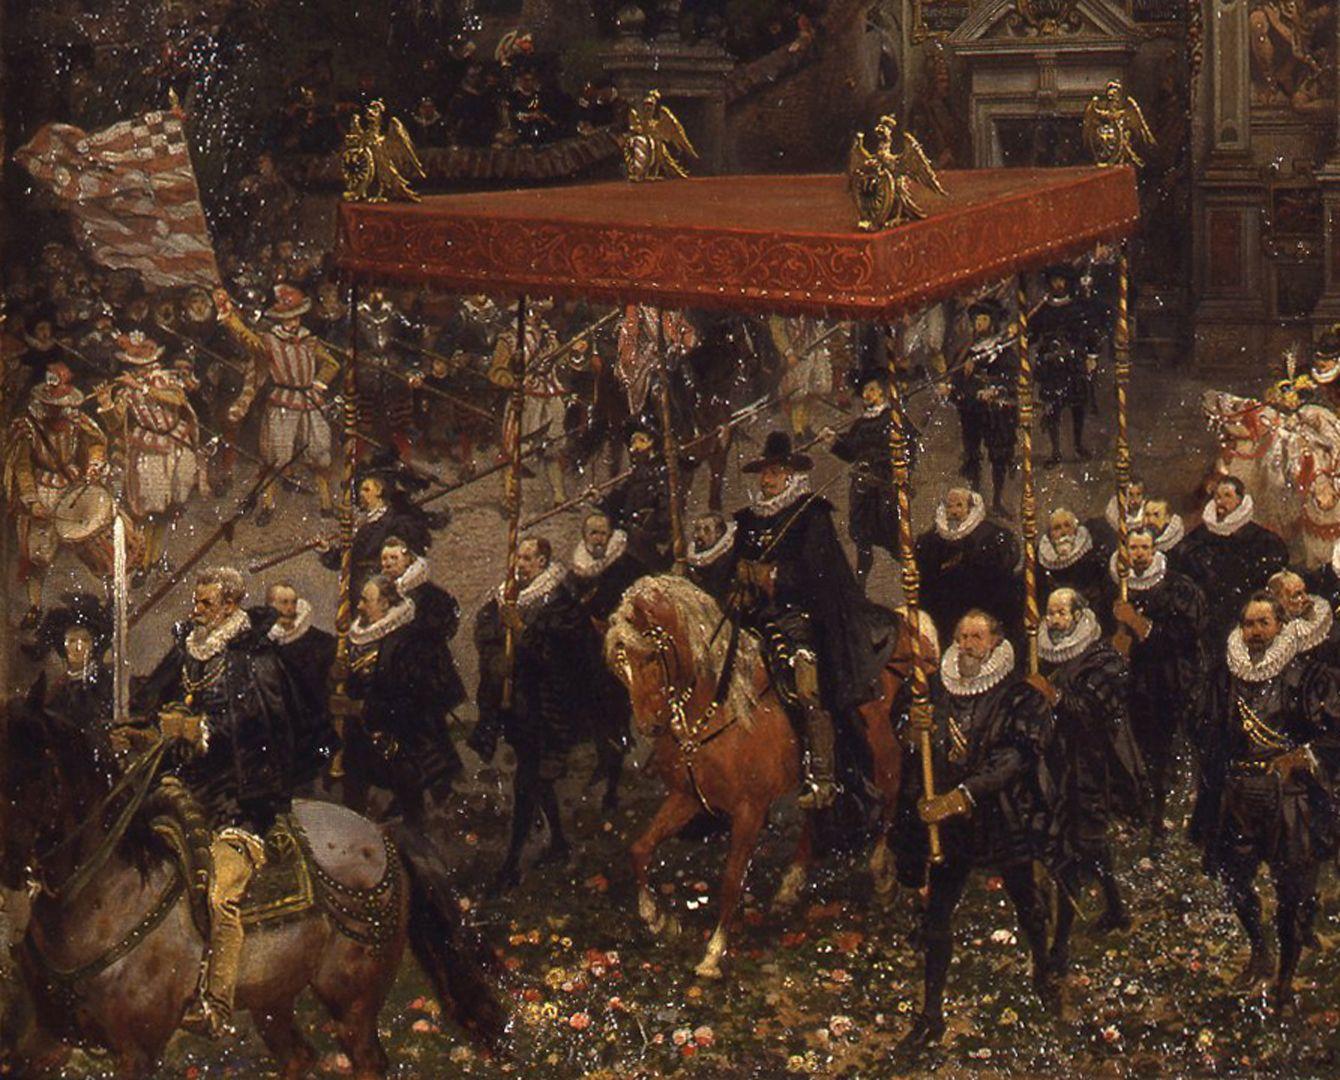 Einzug des Kaisers Matthias in Nürnberg 1612 Der Kaiser zu Pferde unter einem von Patriziern getragenen Himmel